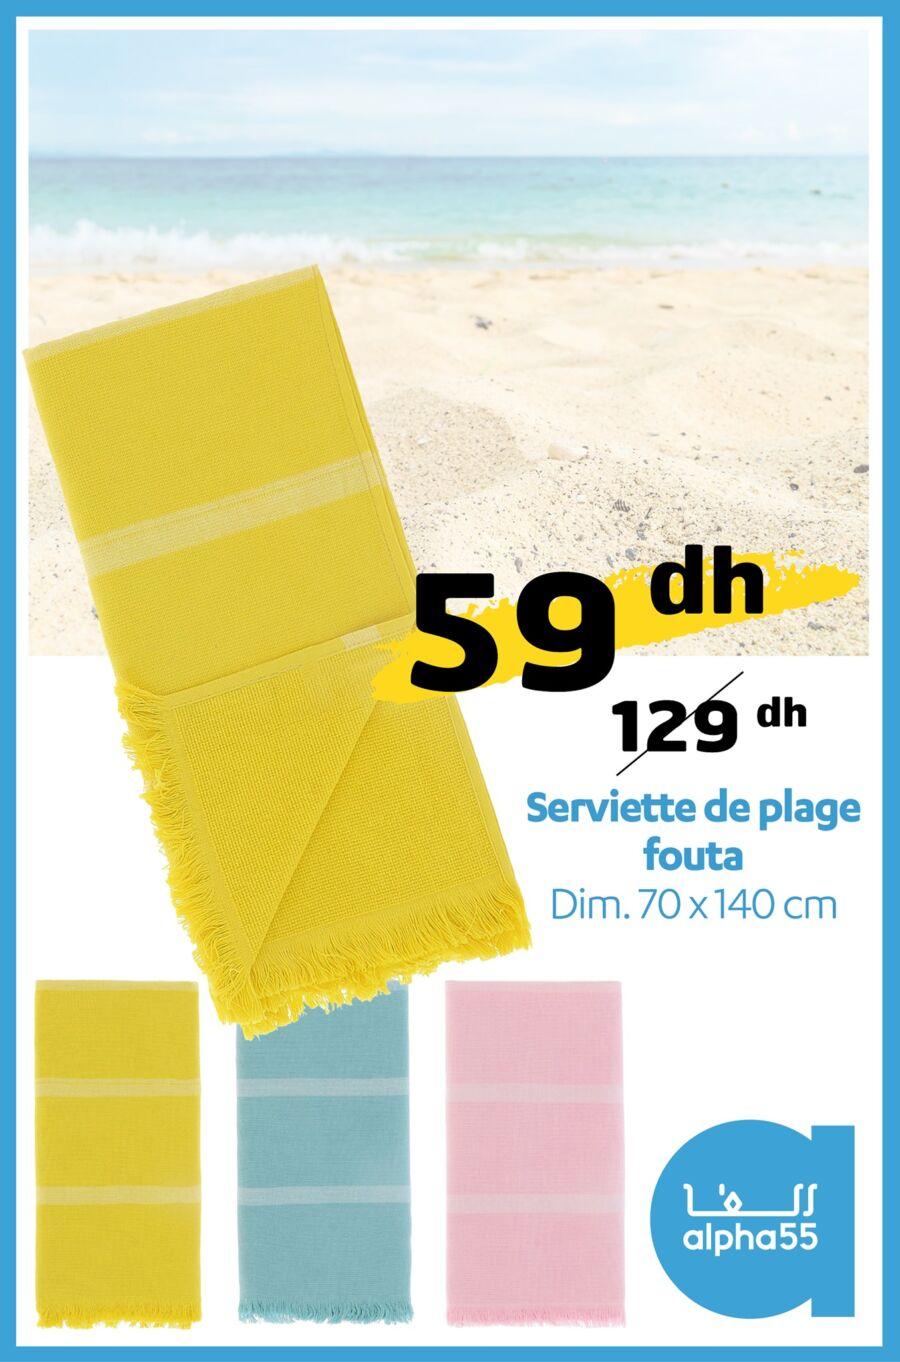 Offre d'été chez Alpha55 Serviette de plage FOUTA 70x140cm 59Dhs au lieu de 129Dhs